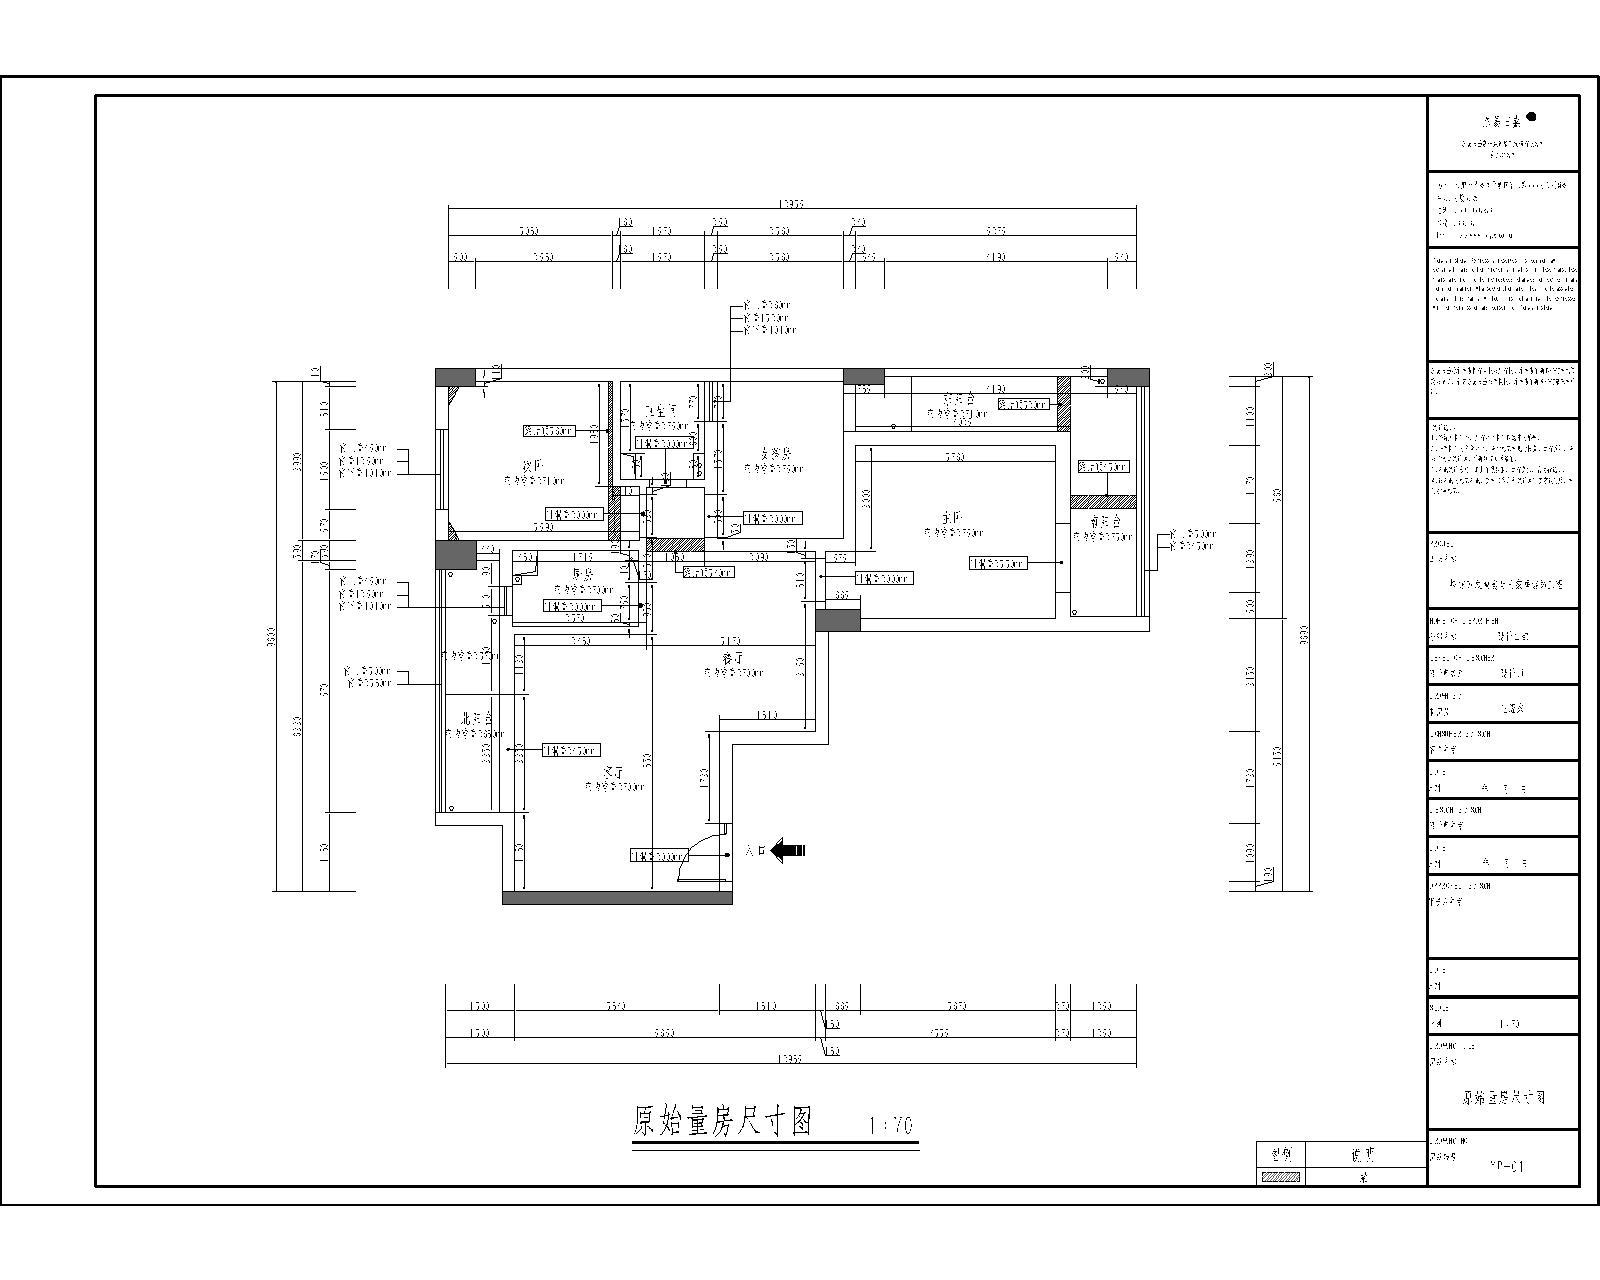 松芝万象城115㎡-现代风格-新房装修效果图装修设计理念